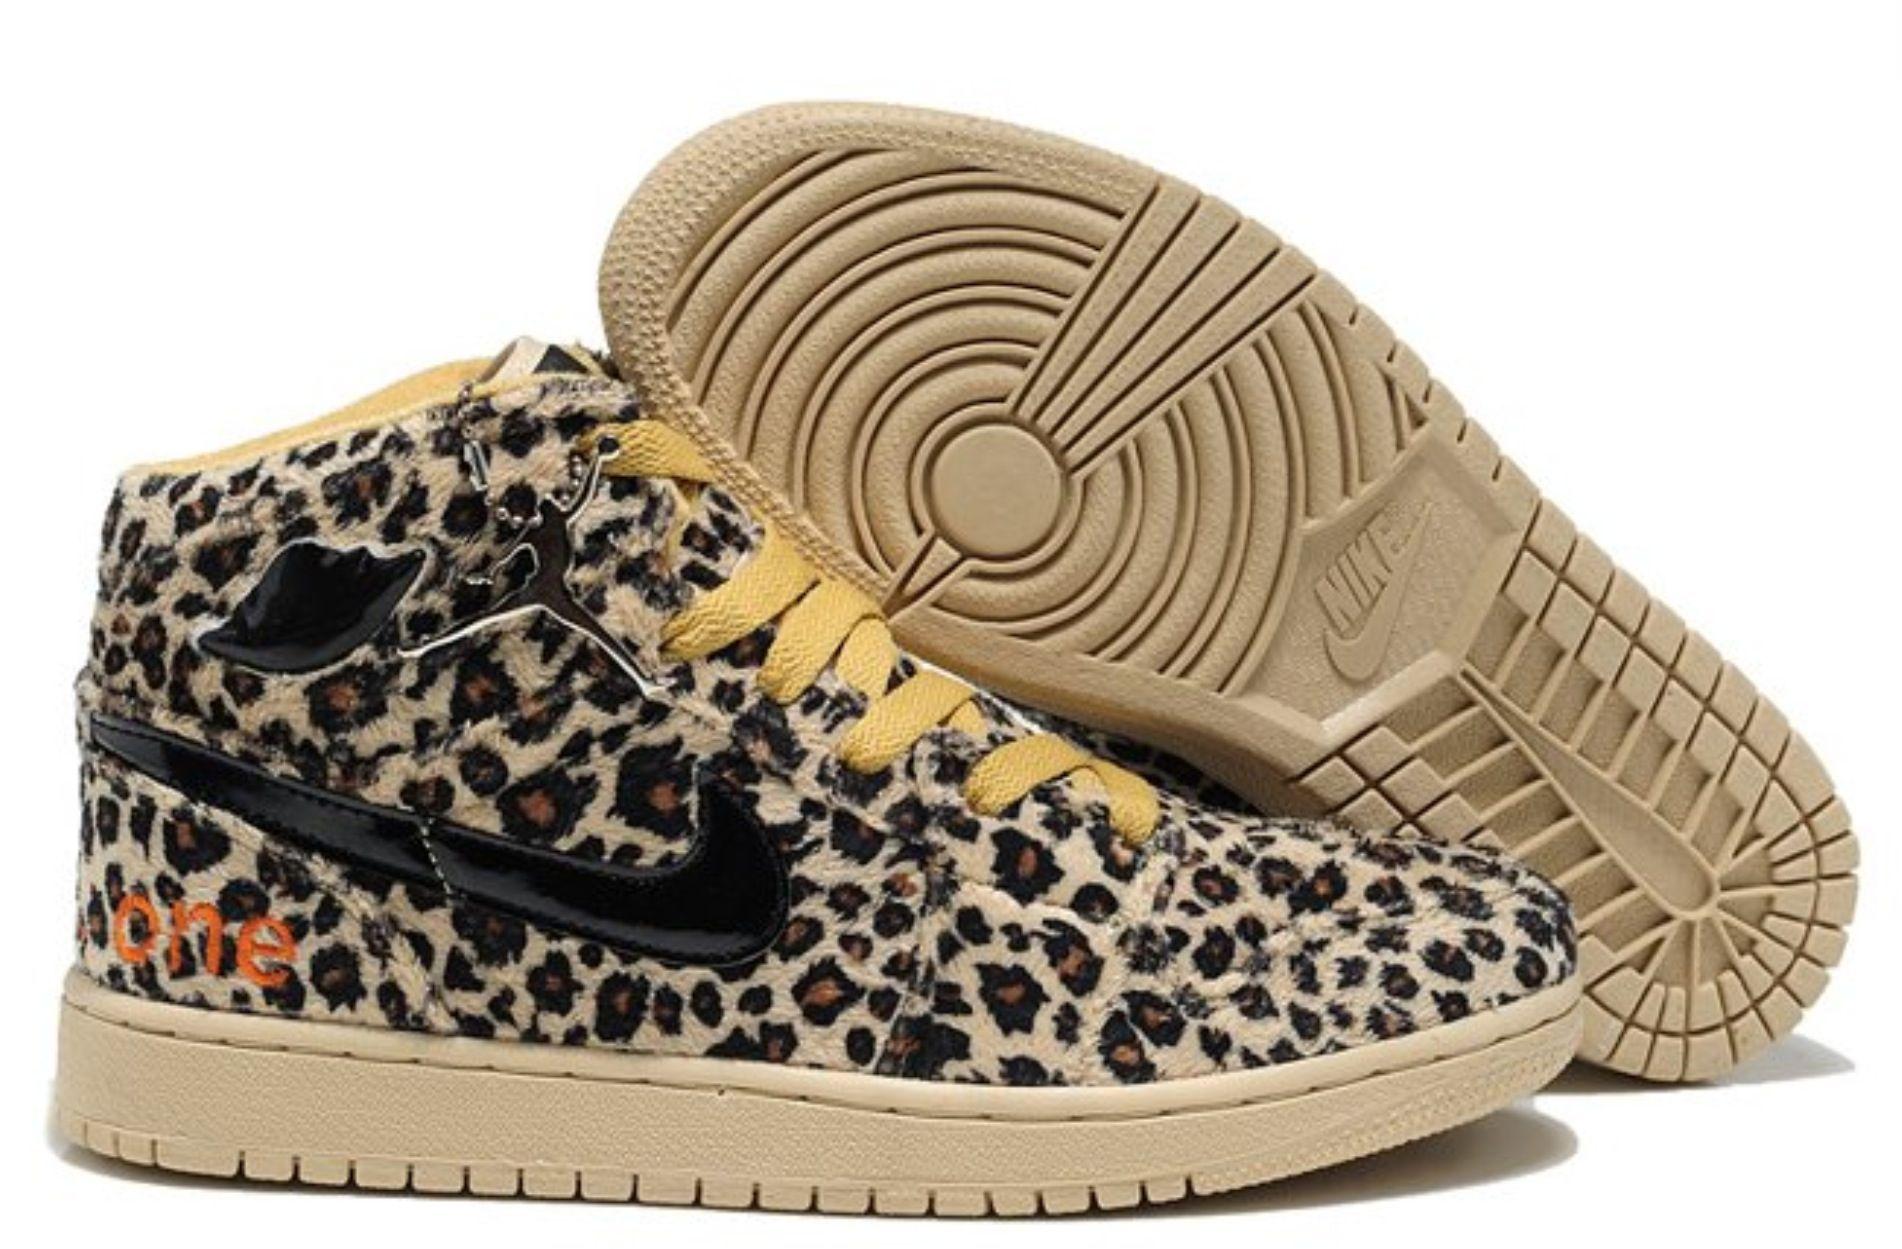 e9ce63cbb3c9 2012 Nike Air Jordan 1 I Leopard Olympics Mens Shoes Cheetah ...